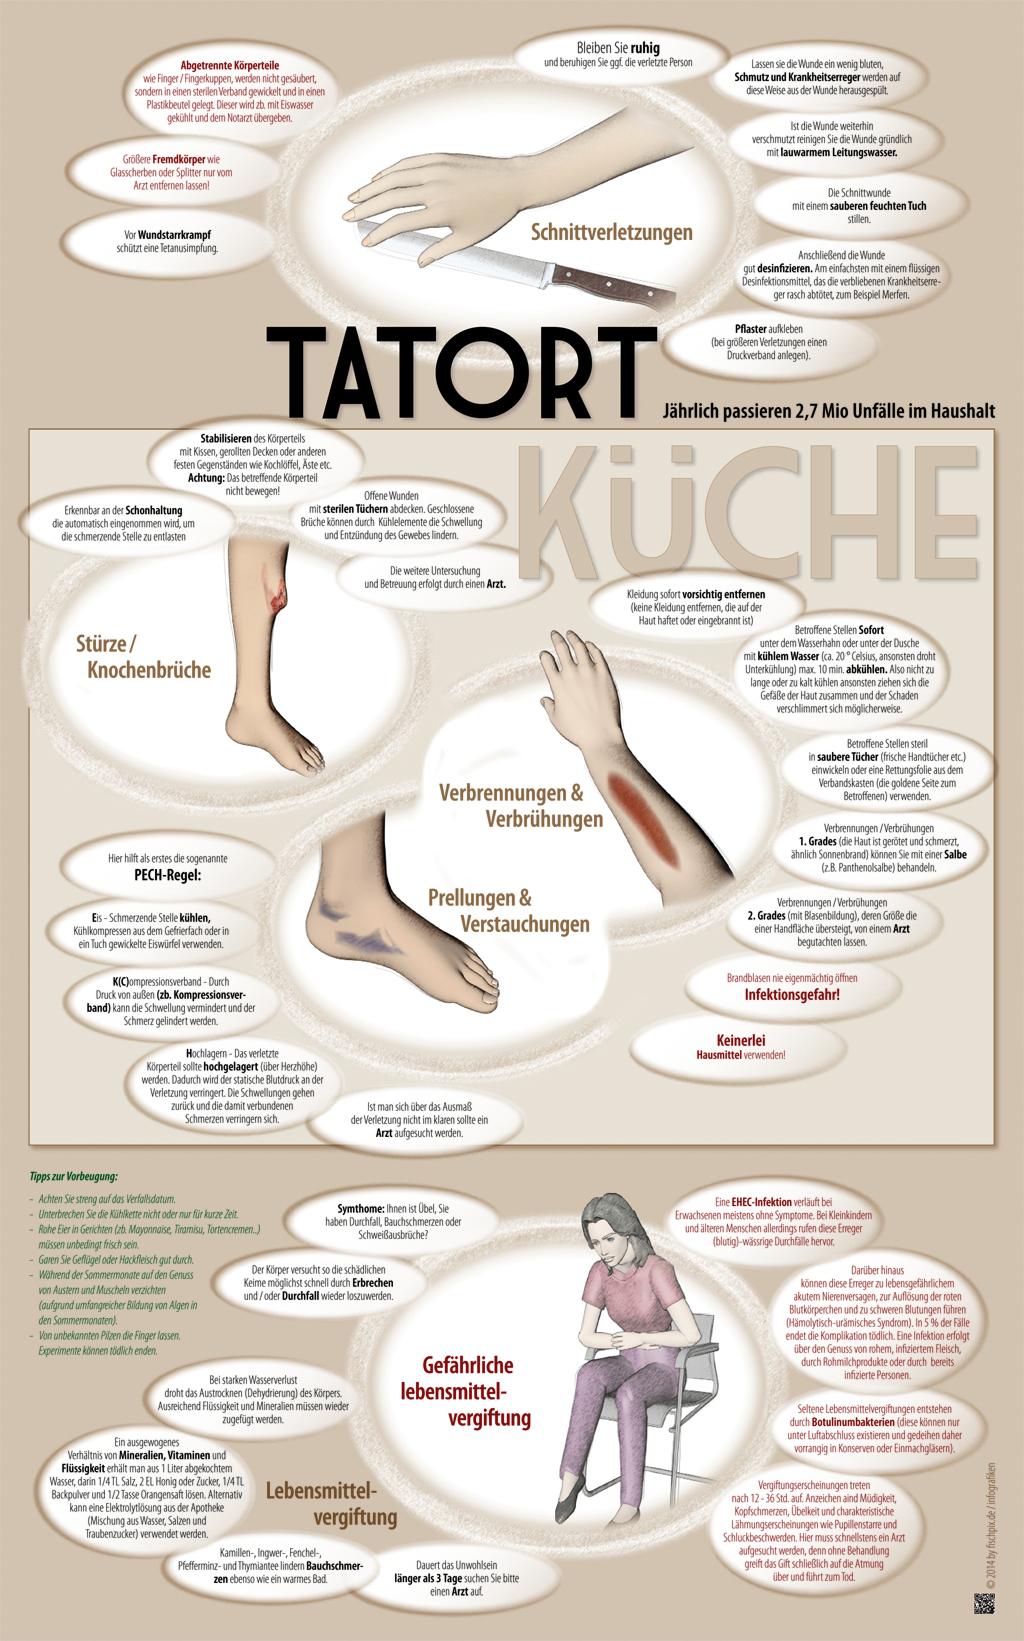 Erste Hilfe in der Kueche - Infografik - backofenratgeber.de